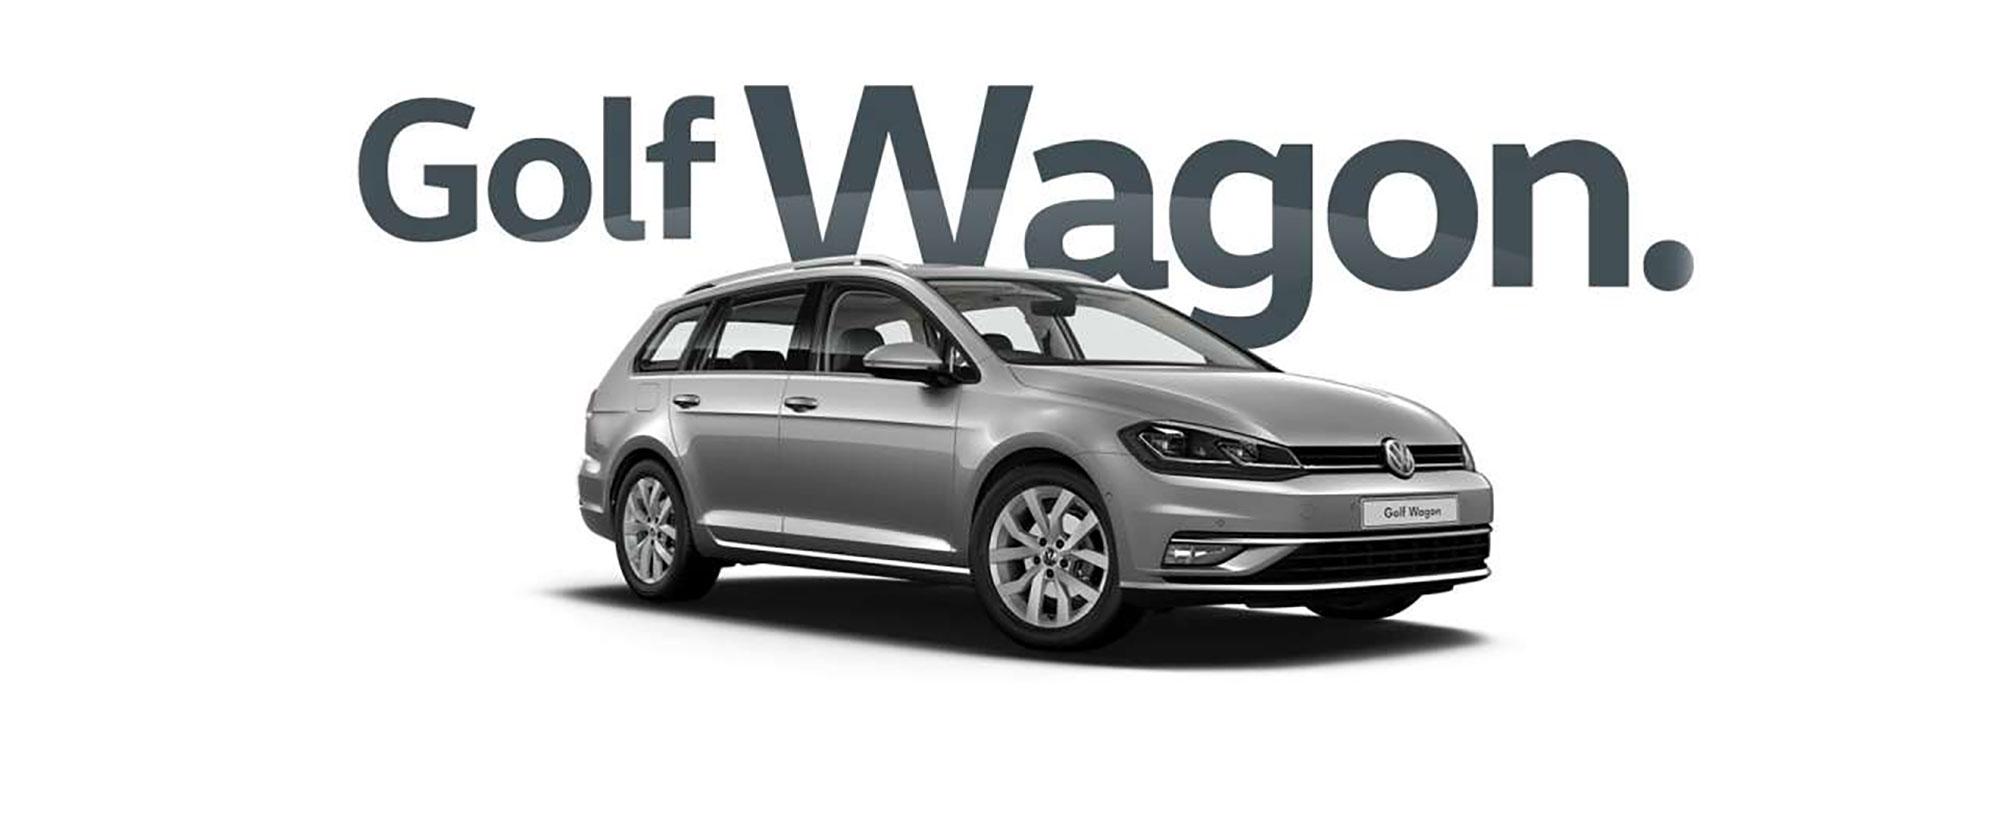 Golf Wagon